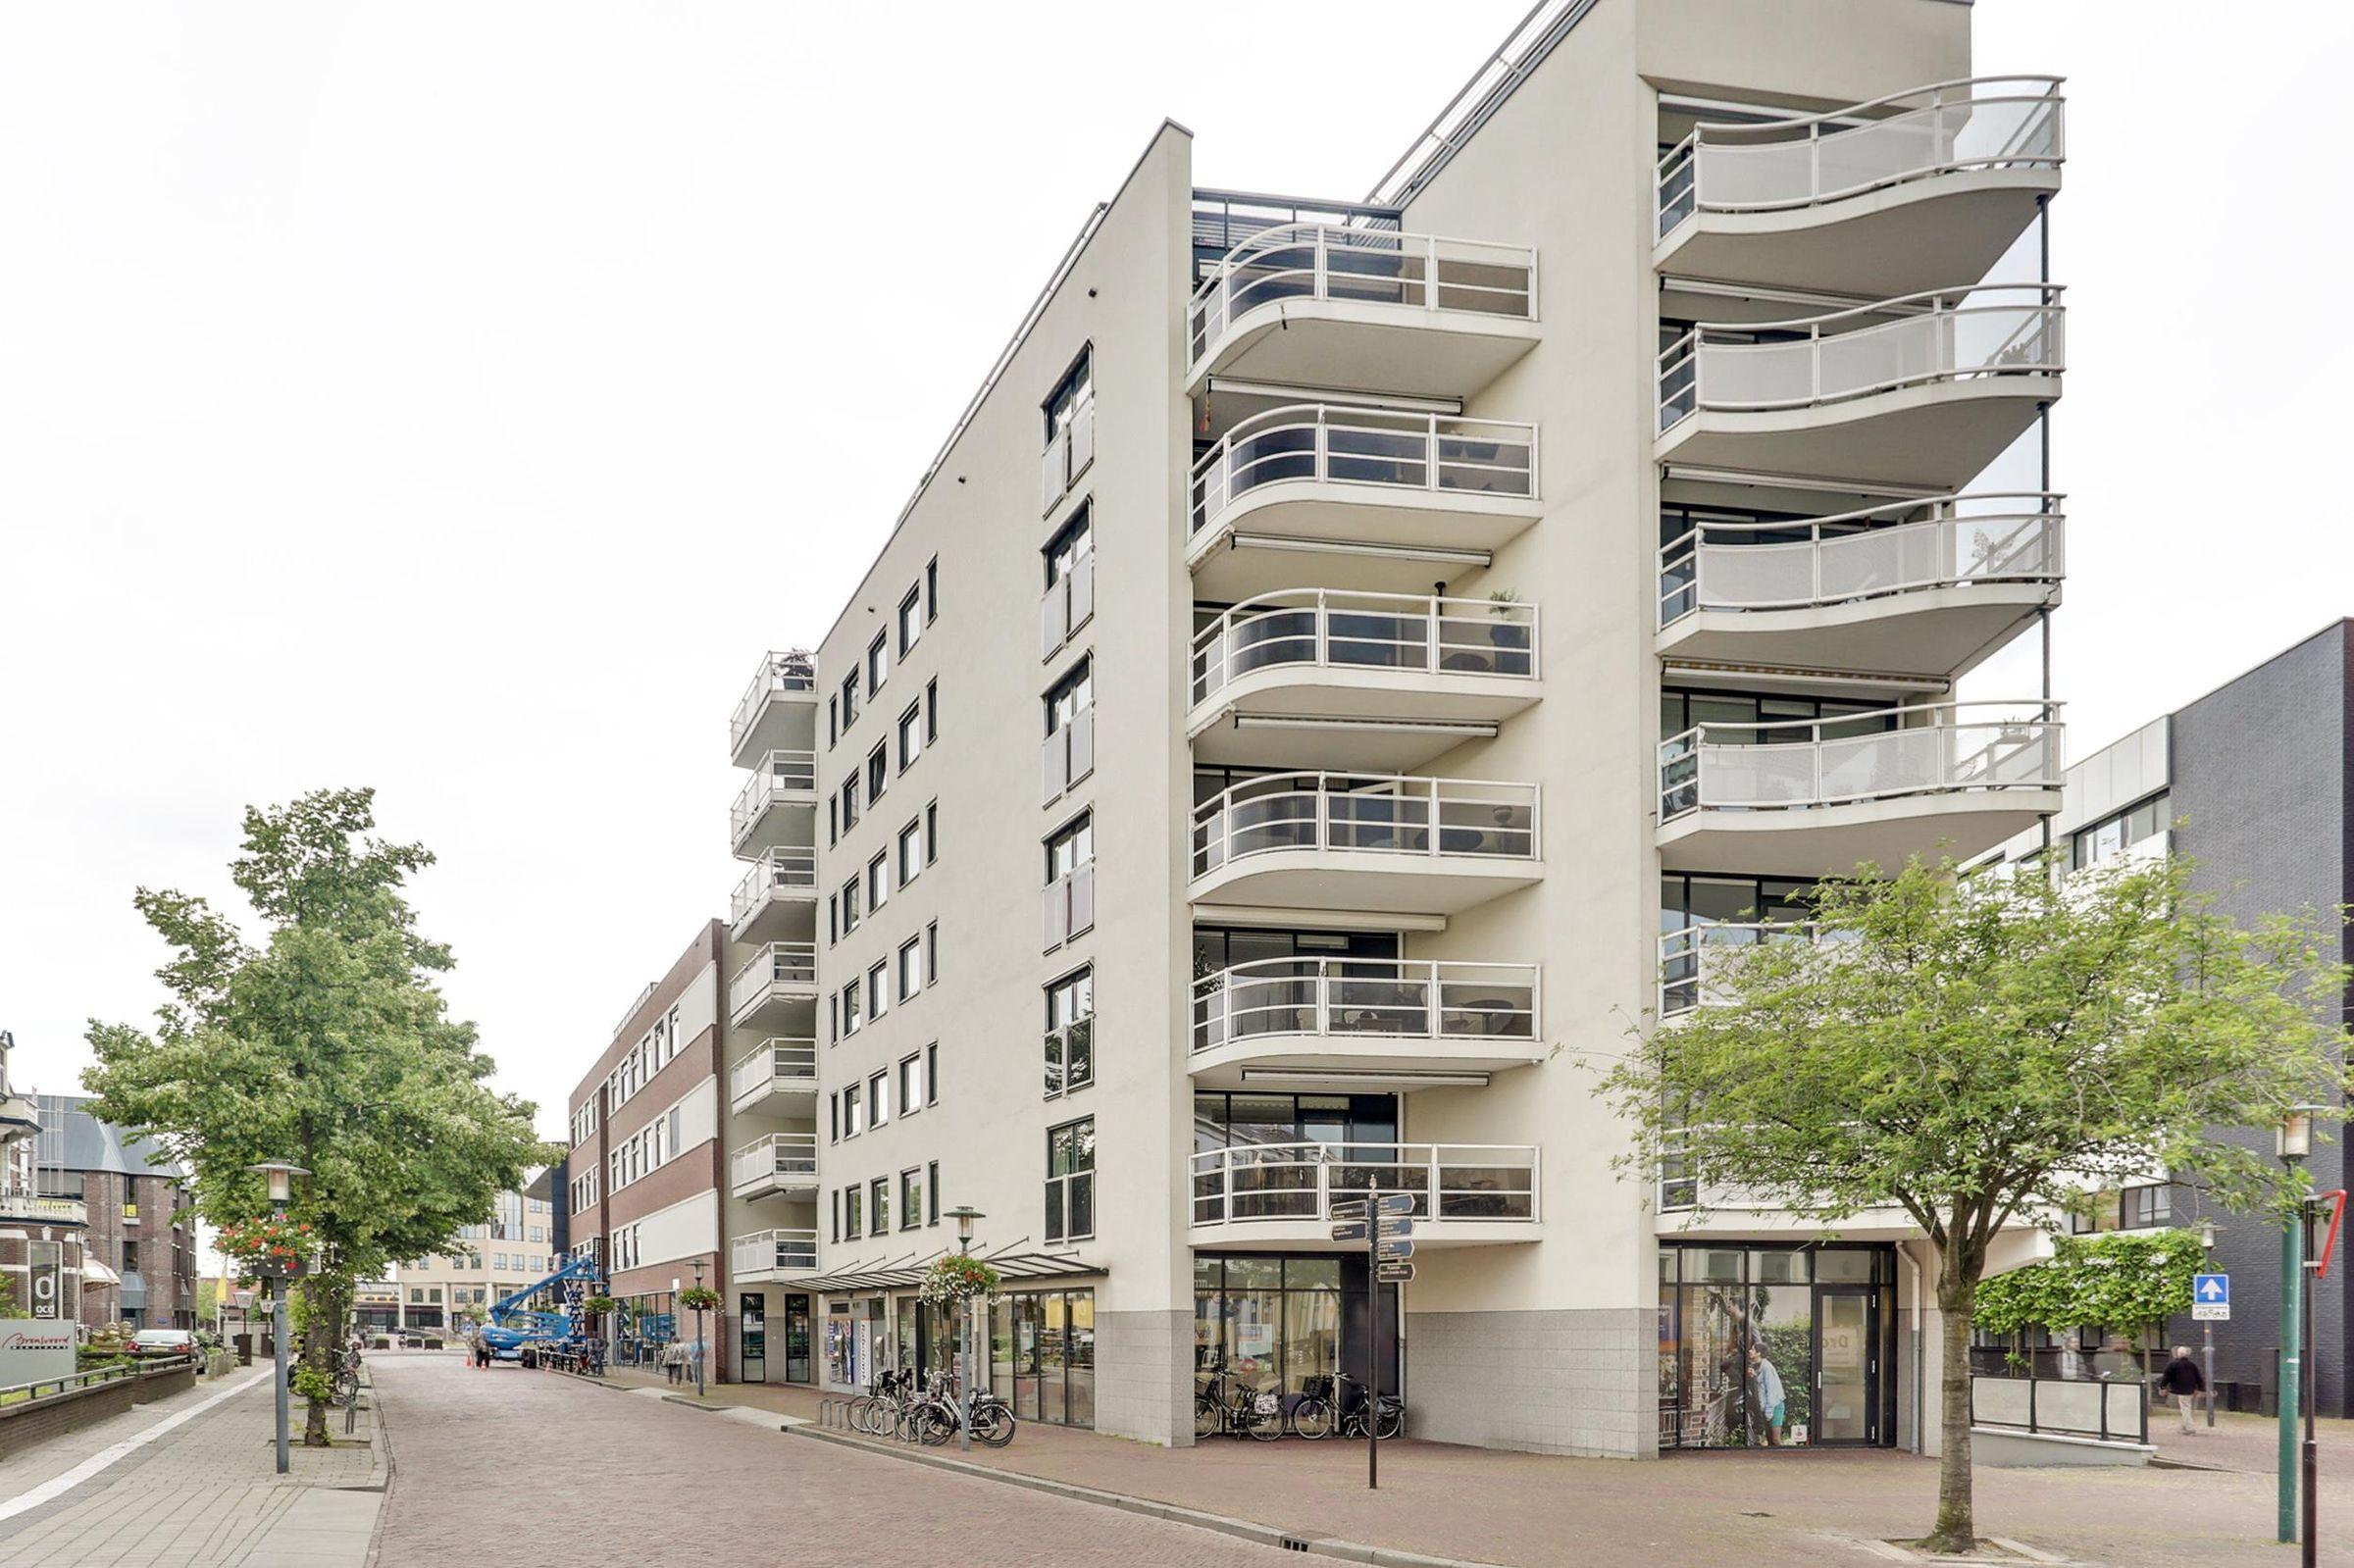 Keizerstraat 30, Deventer